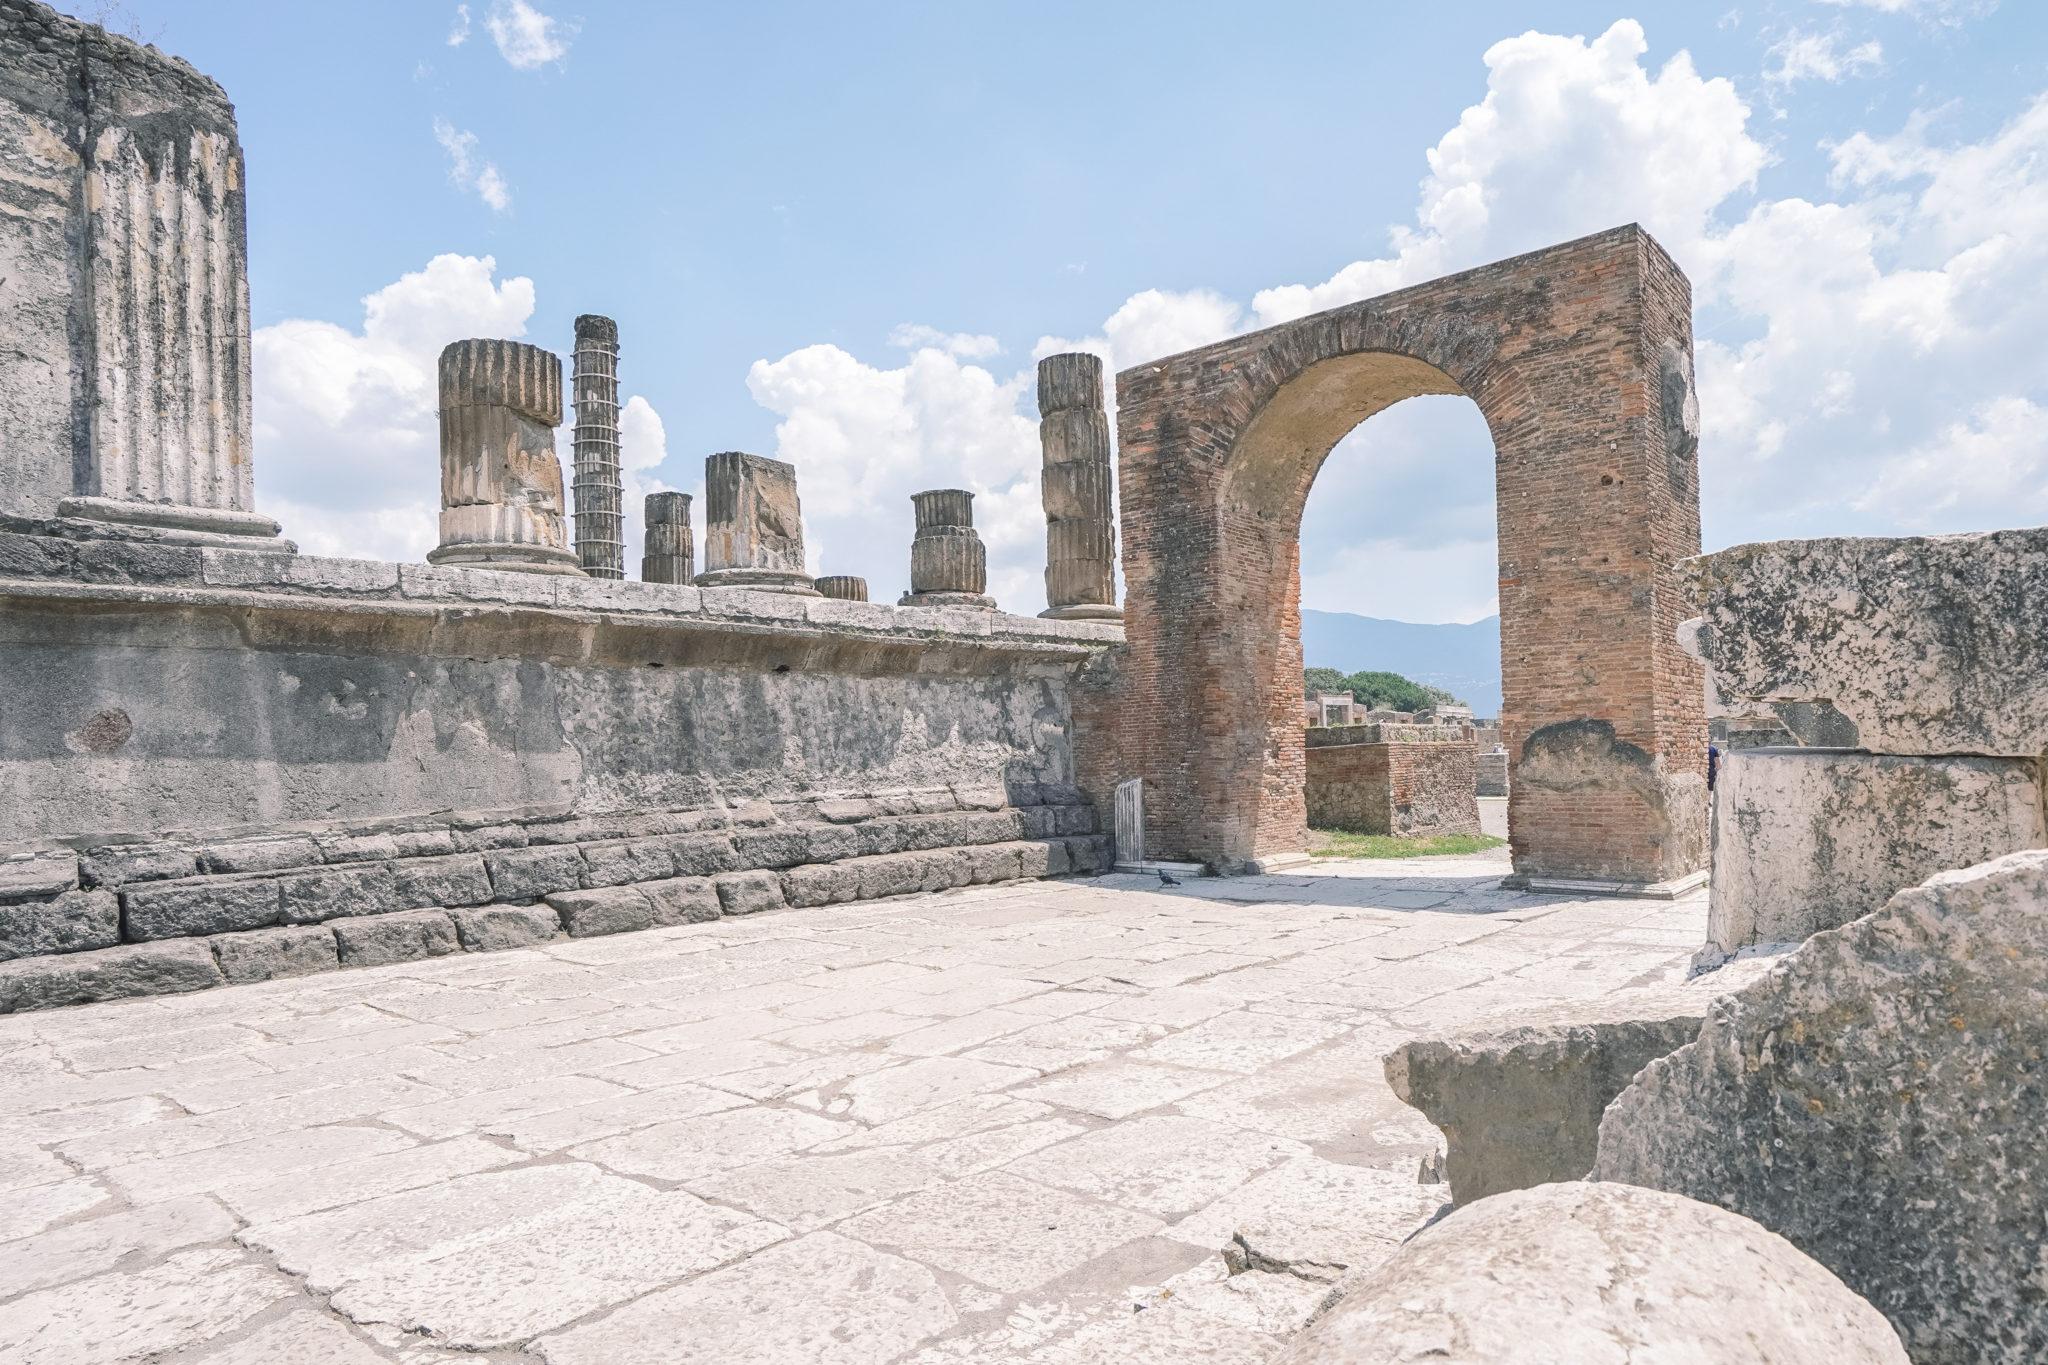 Visite-pompei-comment-forum-ruines